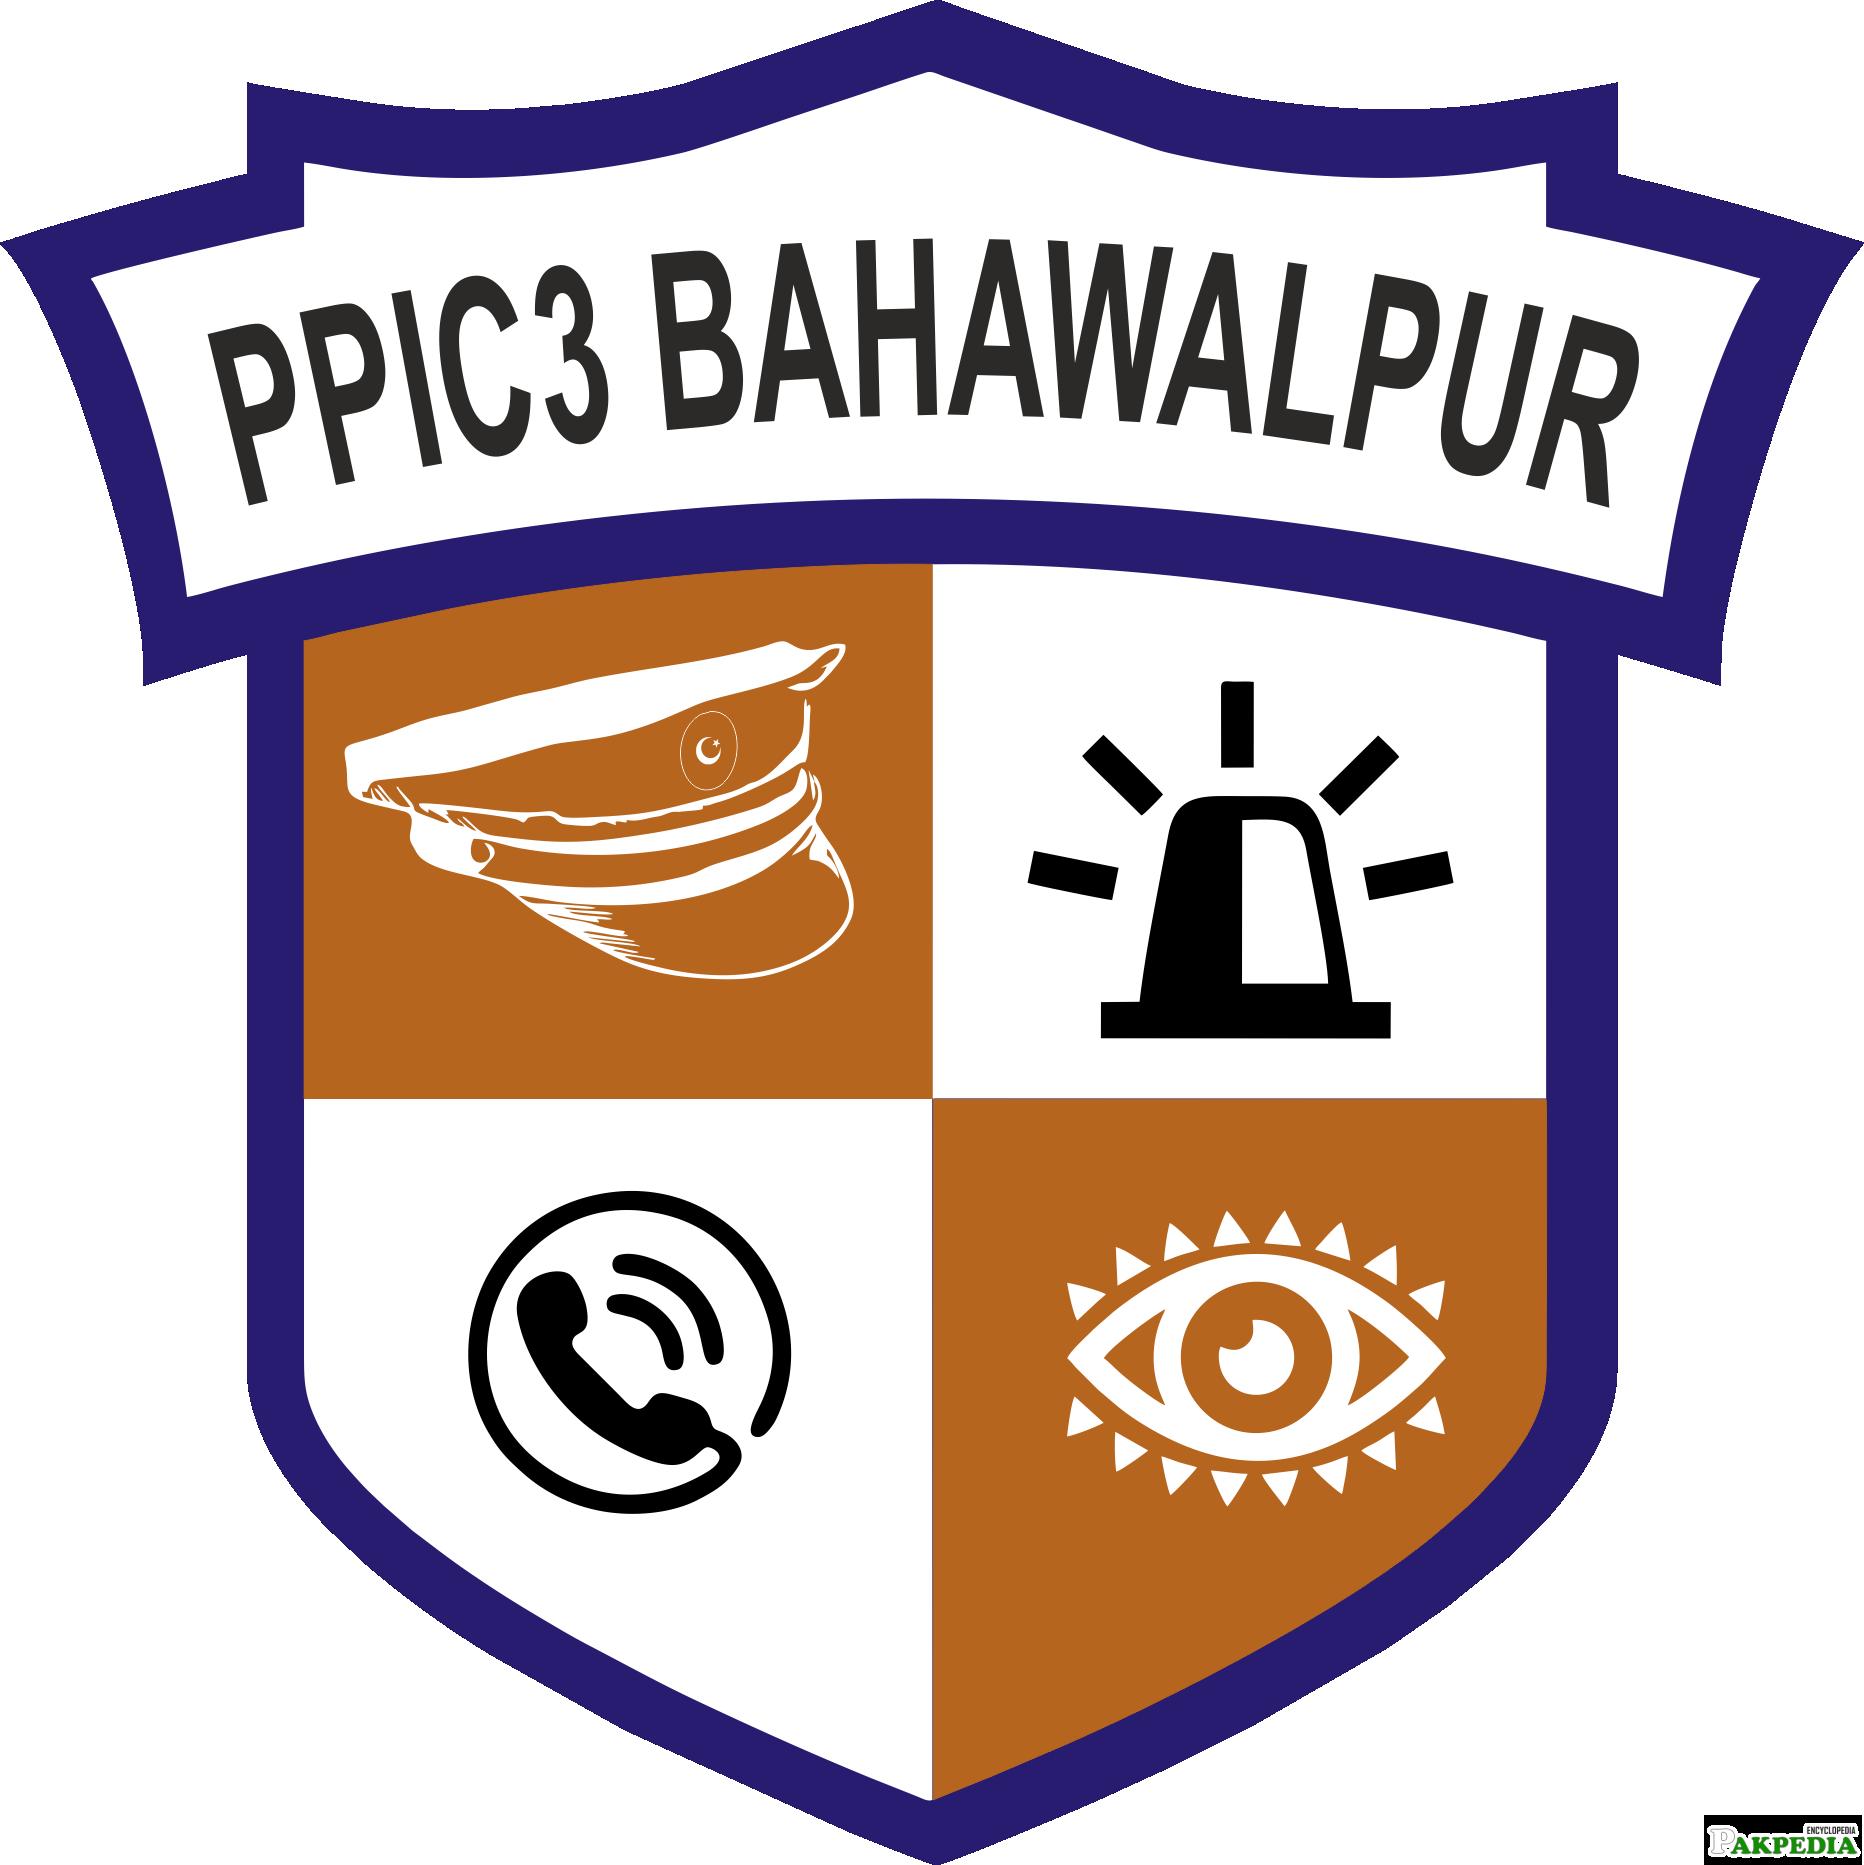 Logos of PSCA Bahawalpur